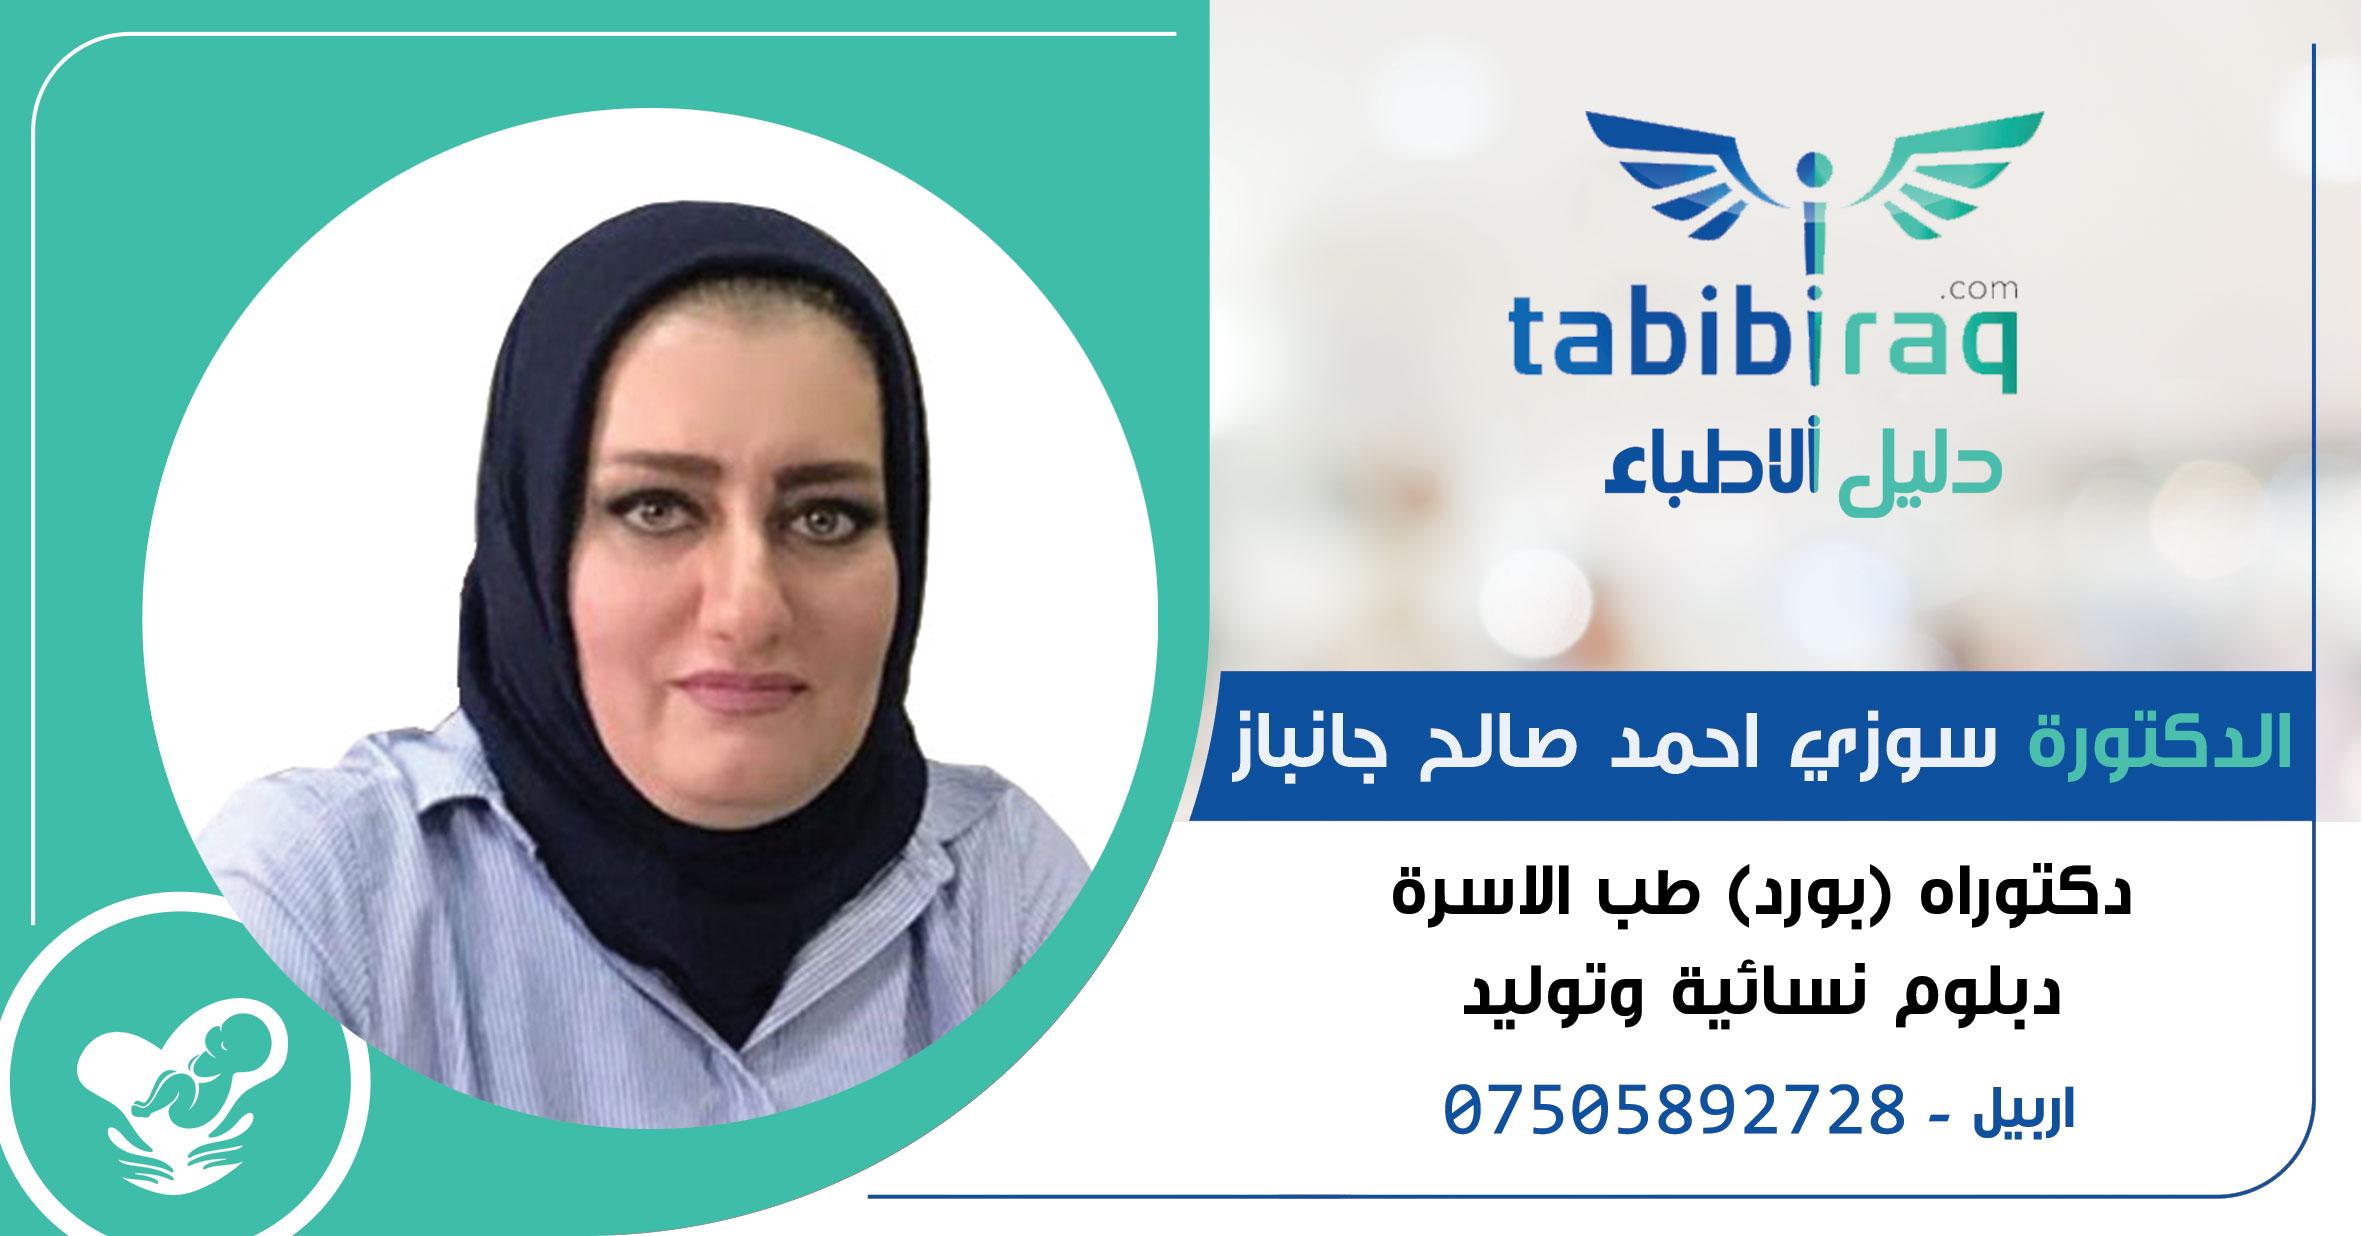 الدكتورة سوزي احمد صالح جانباز